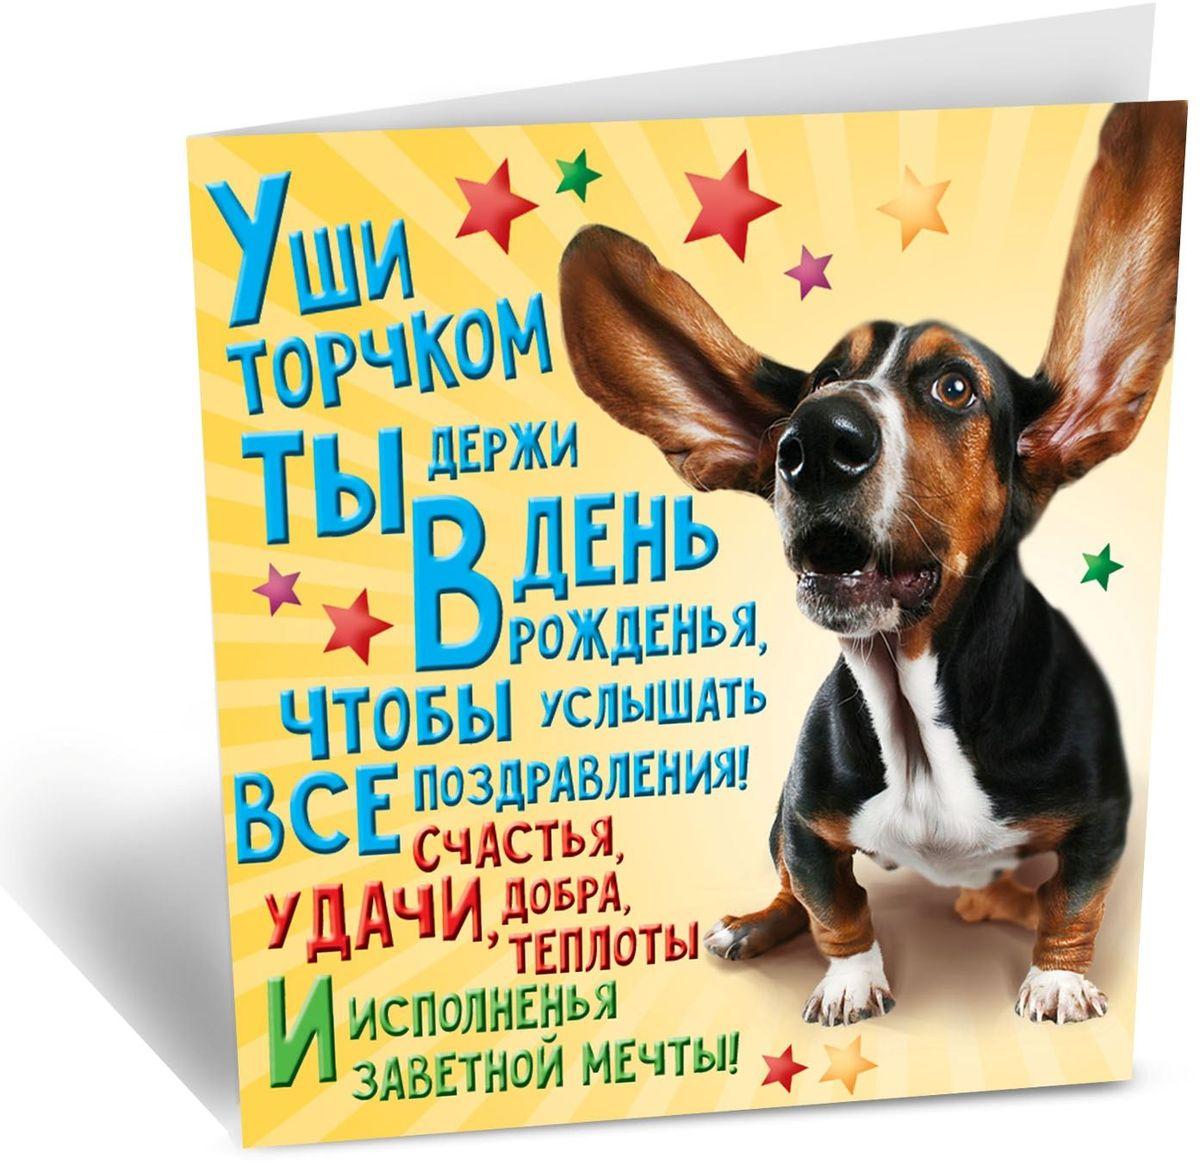 Открытка Дарите cчастье С Днем Рождения, 7 х 7 см41619Праздники — это отличный повод встретиться с родными и друзьями, провести вместе время. Поздравьте близких и дорогих вам людей, подарив им карточку с тёплыми пожеланиями.Мини-открытка не содержит текста, но имеет красивый дизайнерский рисунок. Такая яркая карточка станет прекрасным дополнением к основному подарку.Сохраните самые чудесные моменты жизни!